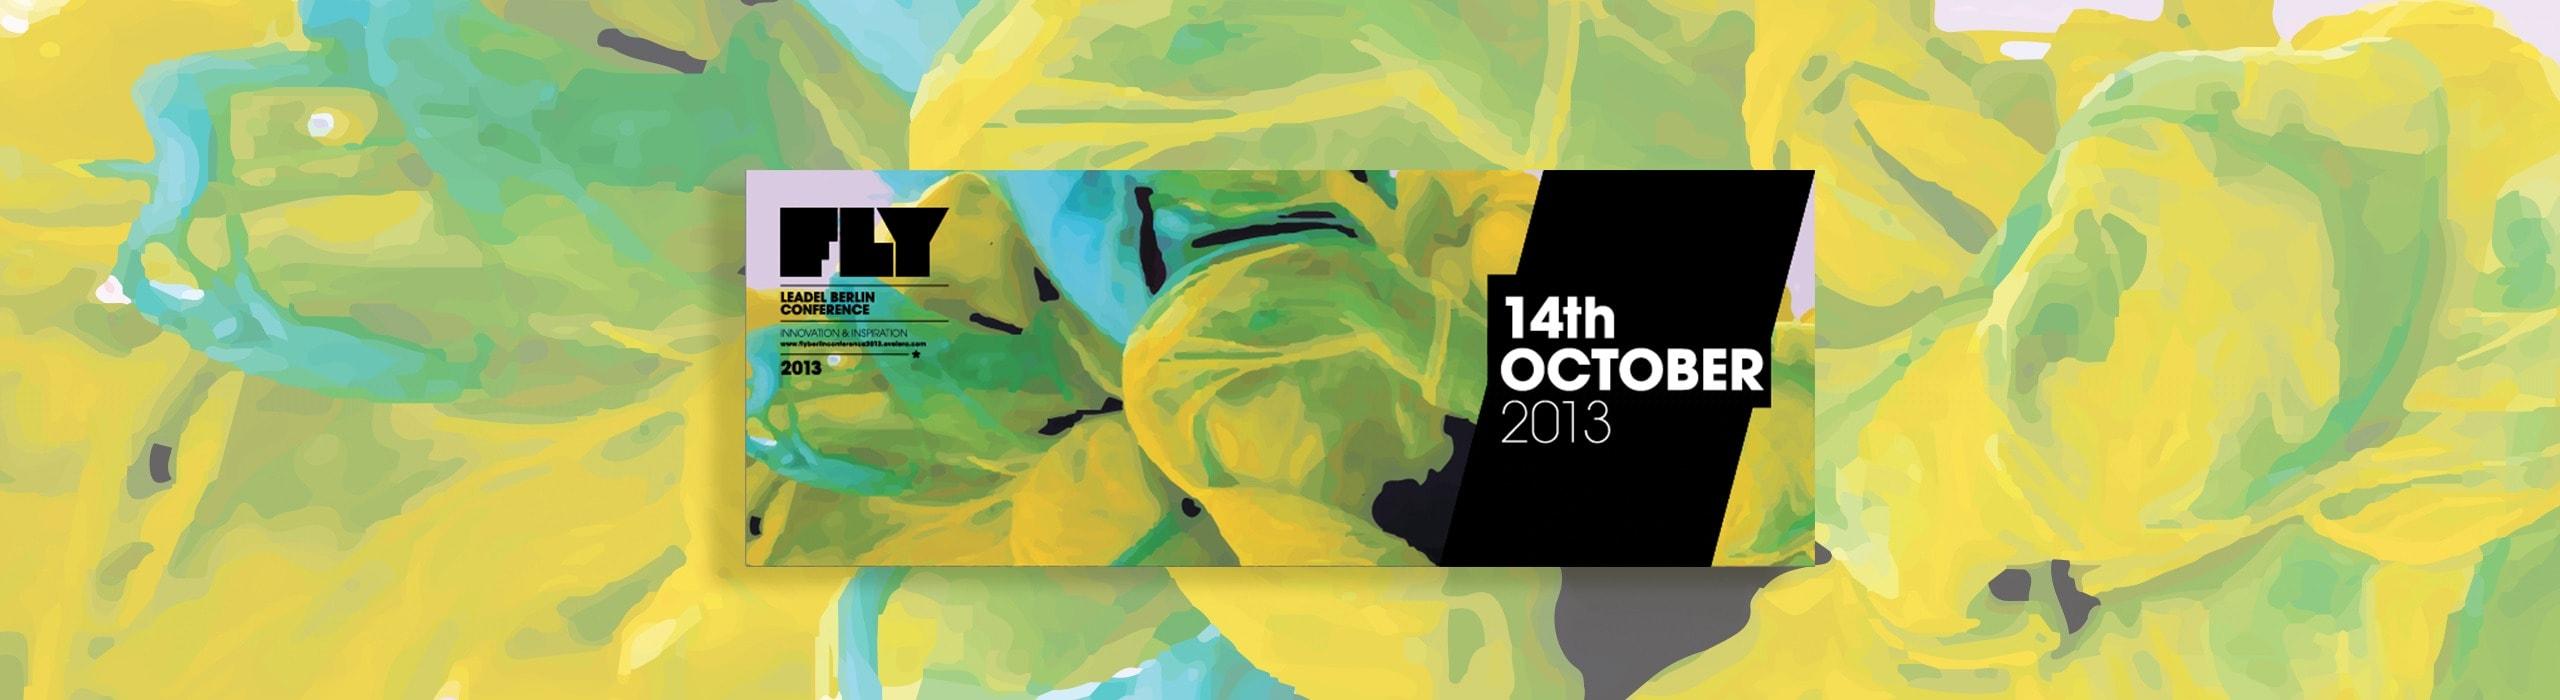 Fly Berlin Conference - natie-fly-ticket - Natie Branding Agency